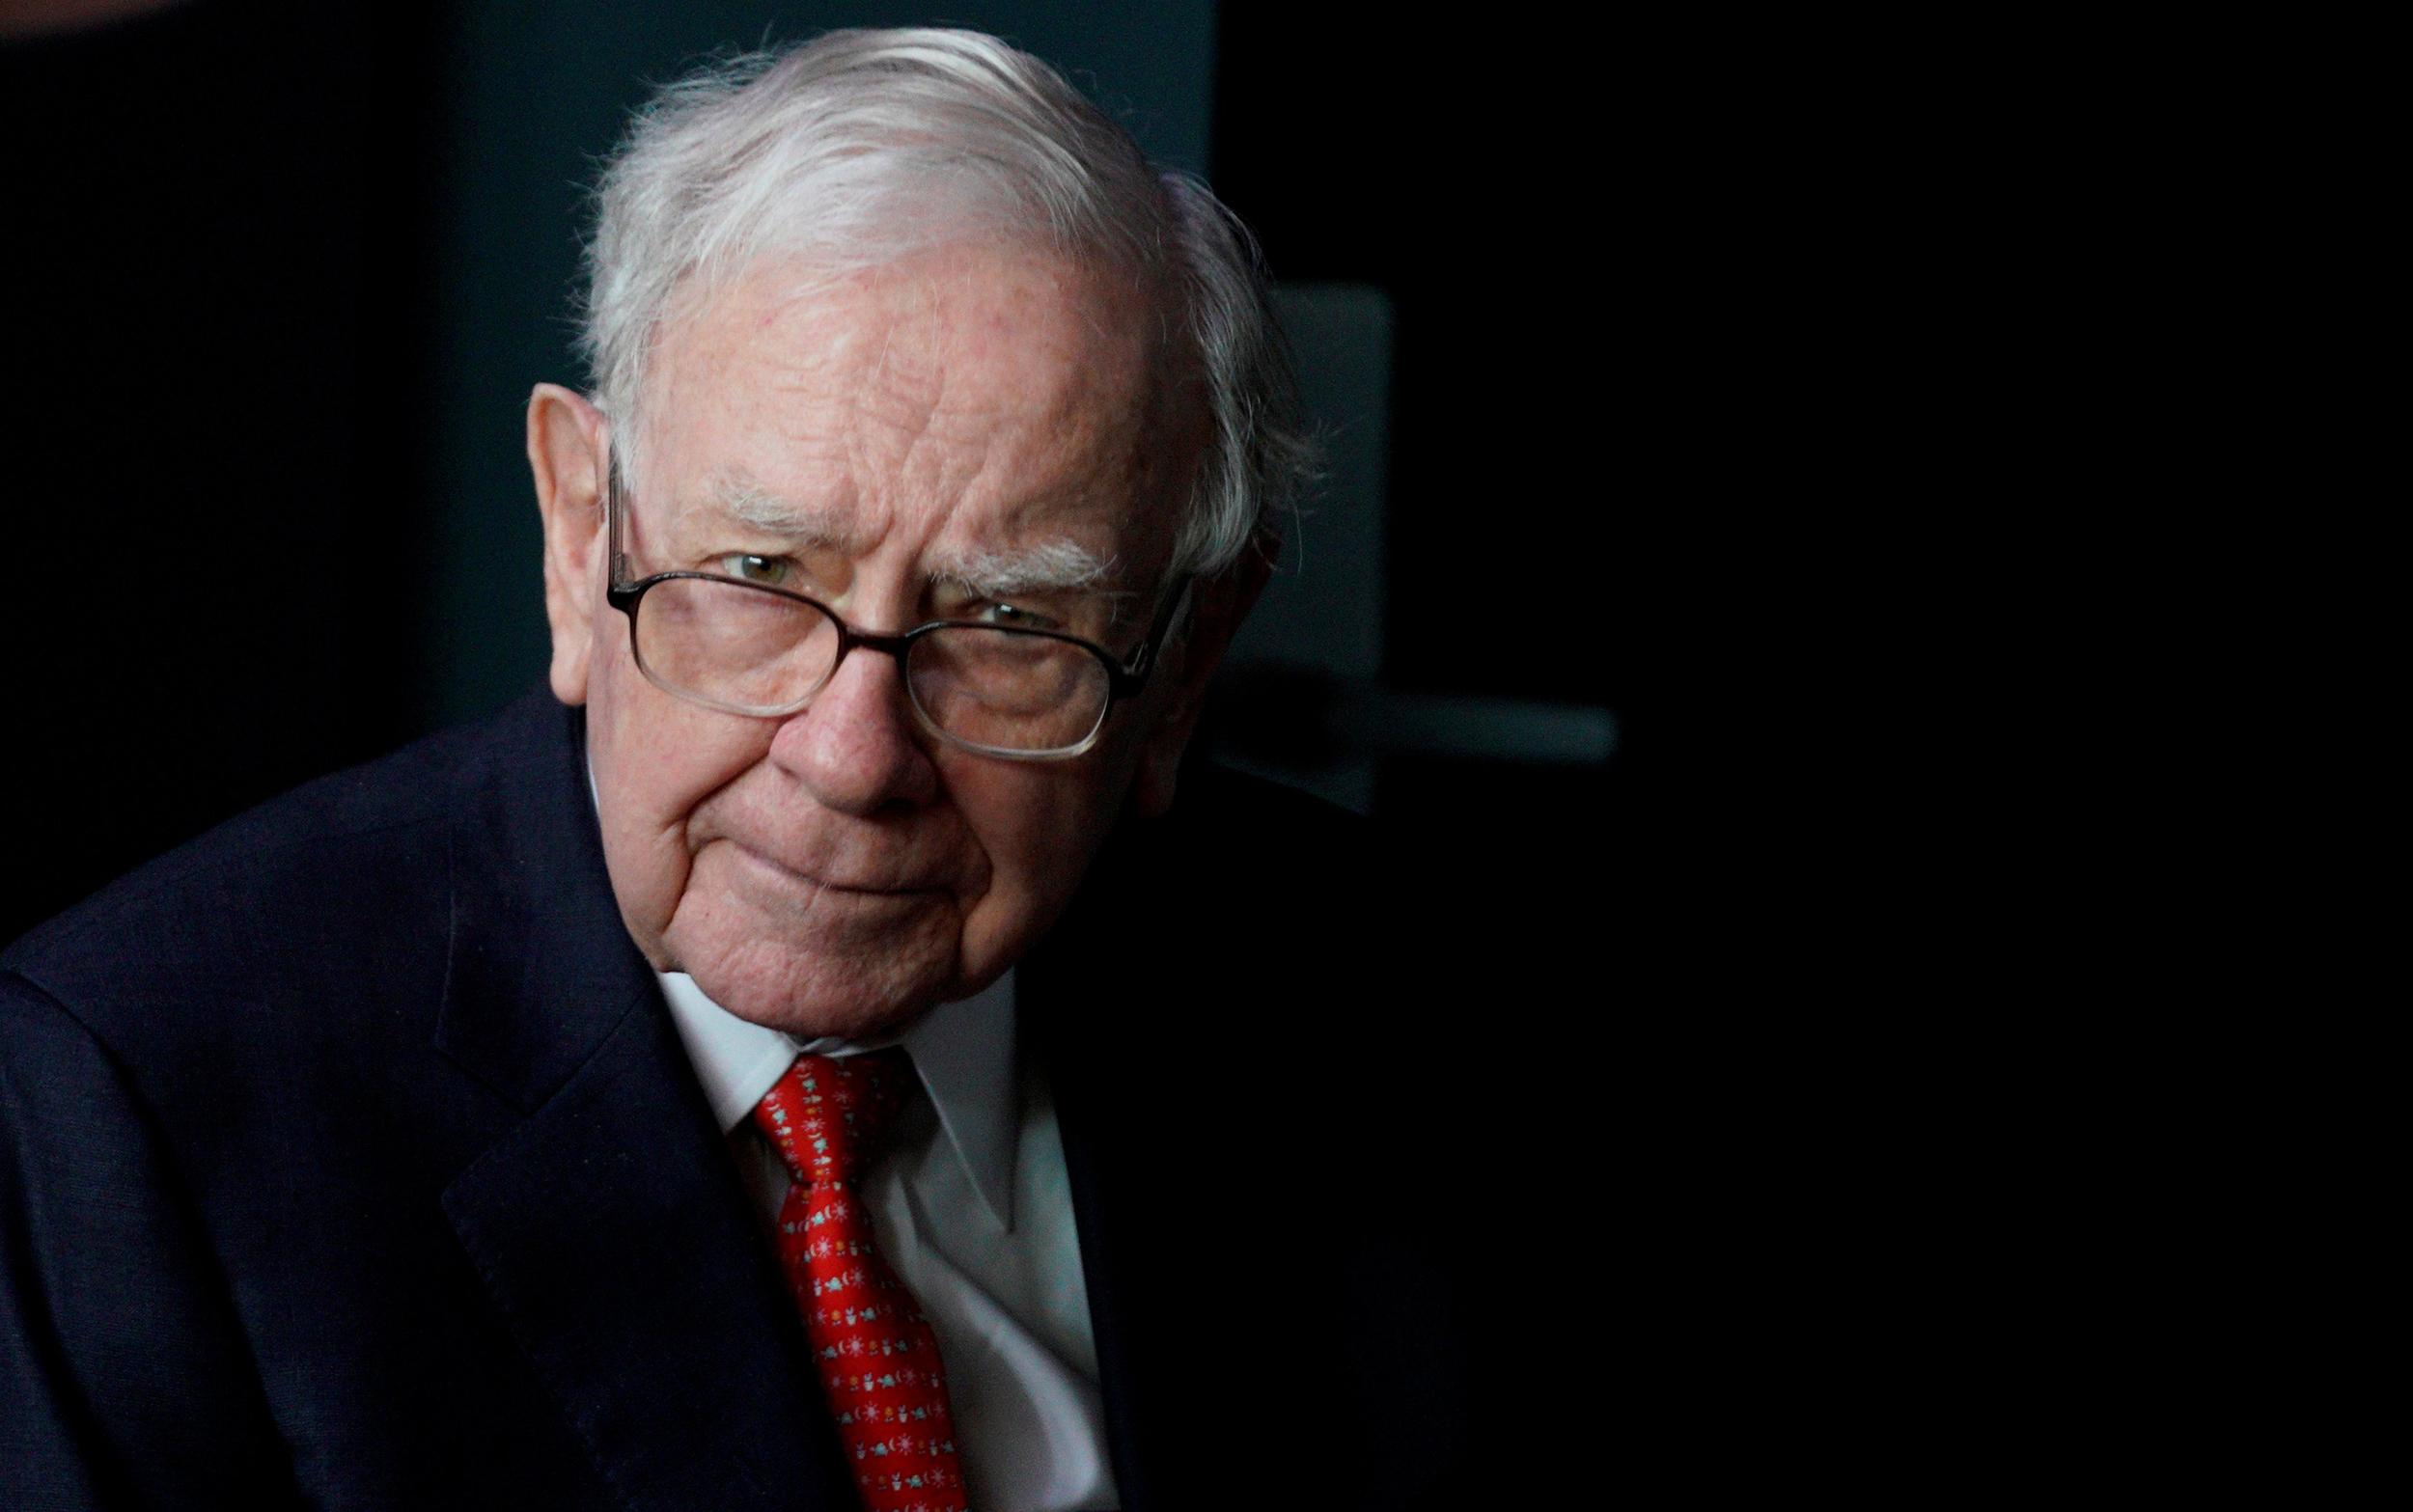 6. Warren Buffett Net Worth: $88.3 billion